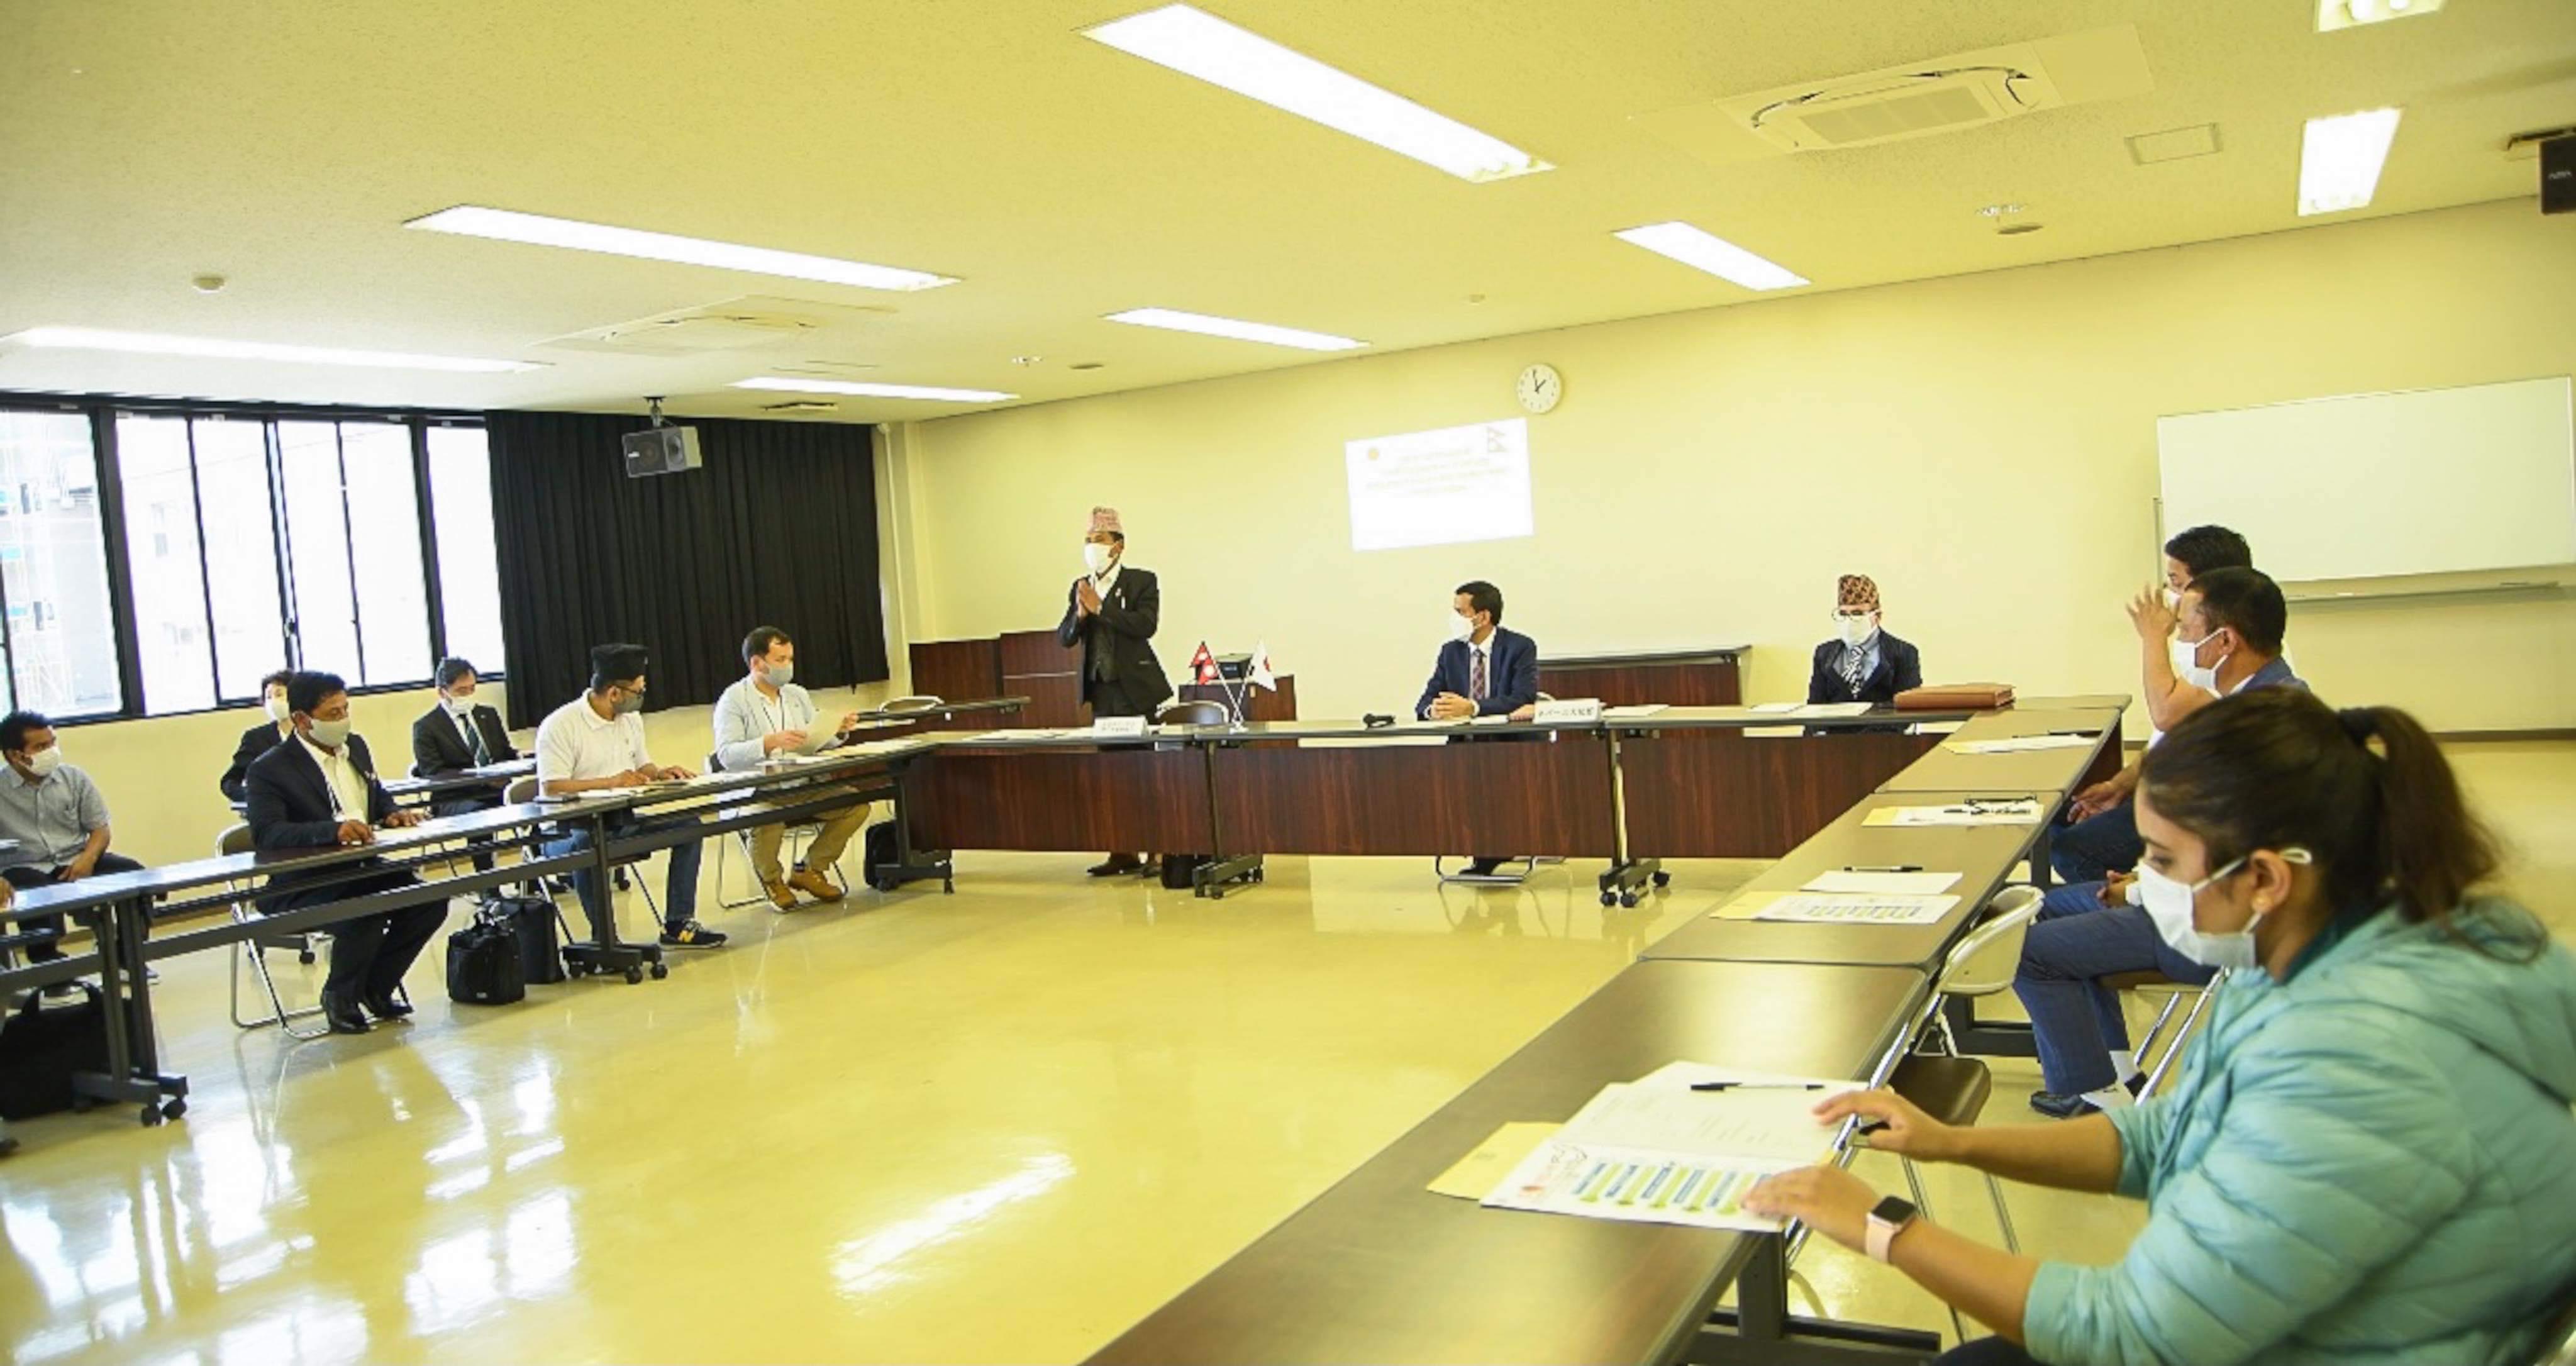 'जापानभर नेपाली साझा समाज जस्तै सक्रिय संस्थाहरुको खाँचो'-उपनियोग प्रमुख जोशी